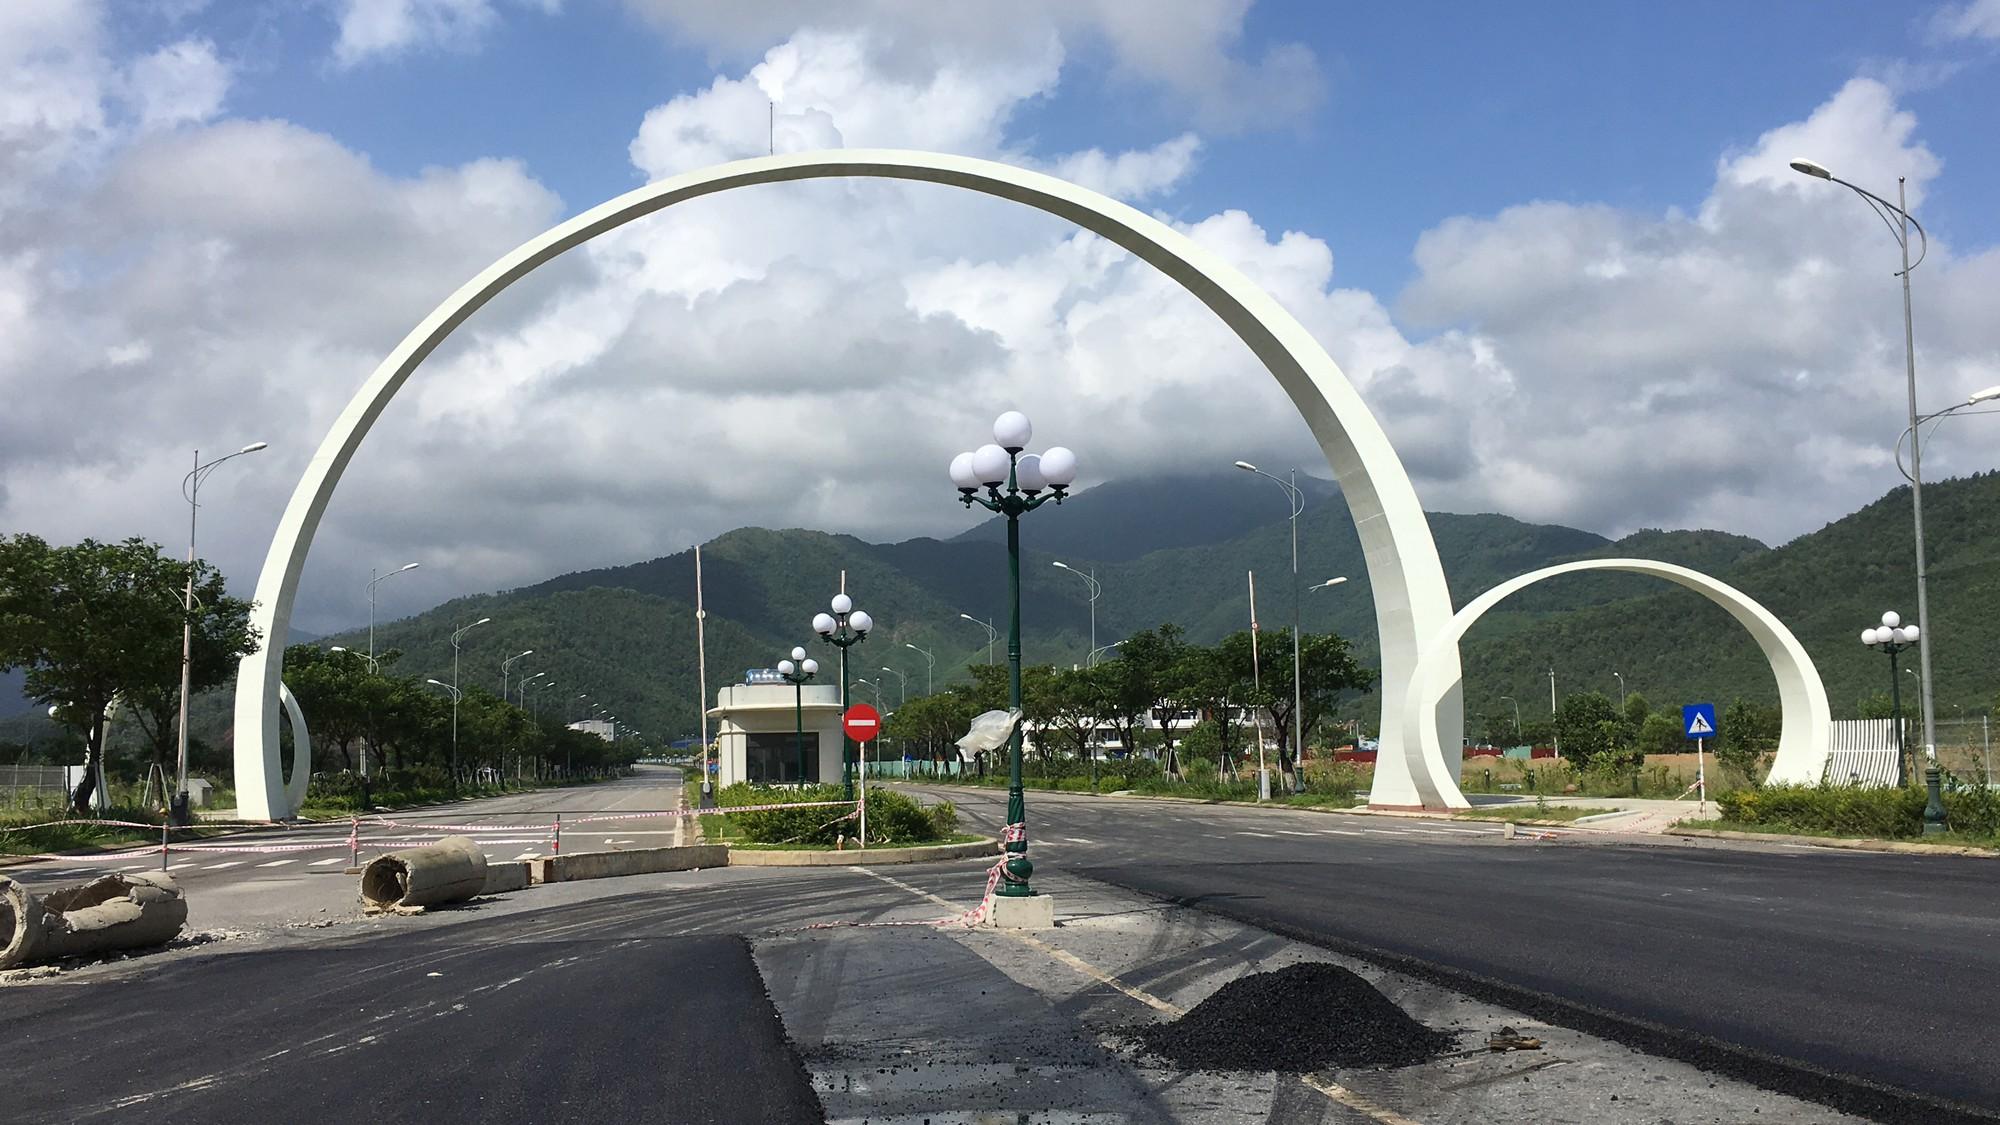 Khu công nghệ cao Đà Nẵng đón nhận thêm một dự án 350 tỷ đồng - ảnh 1